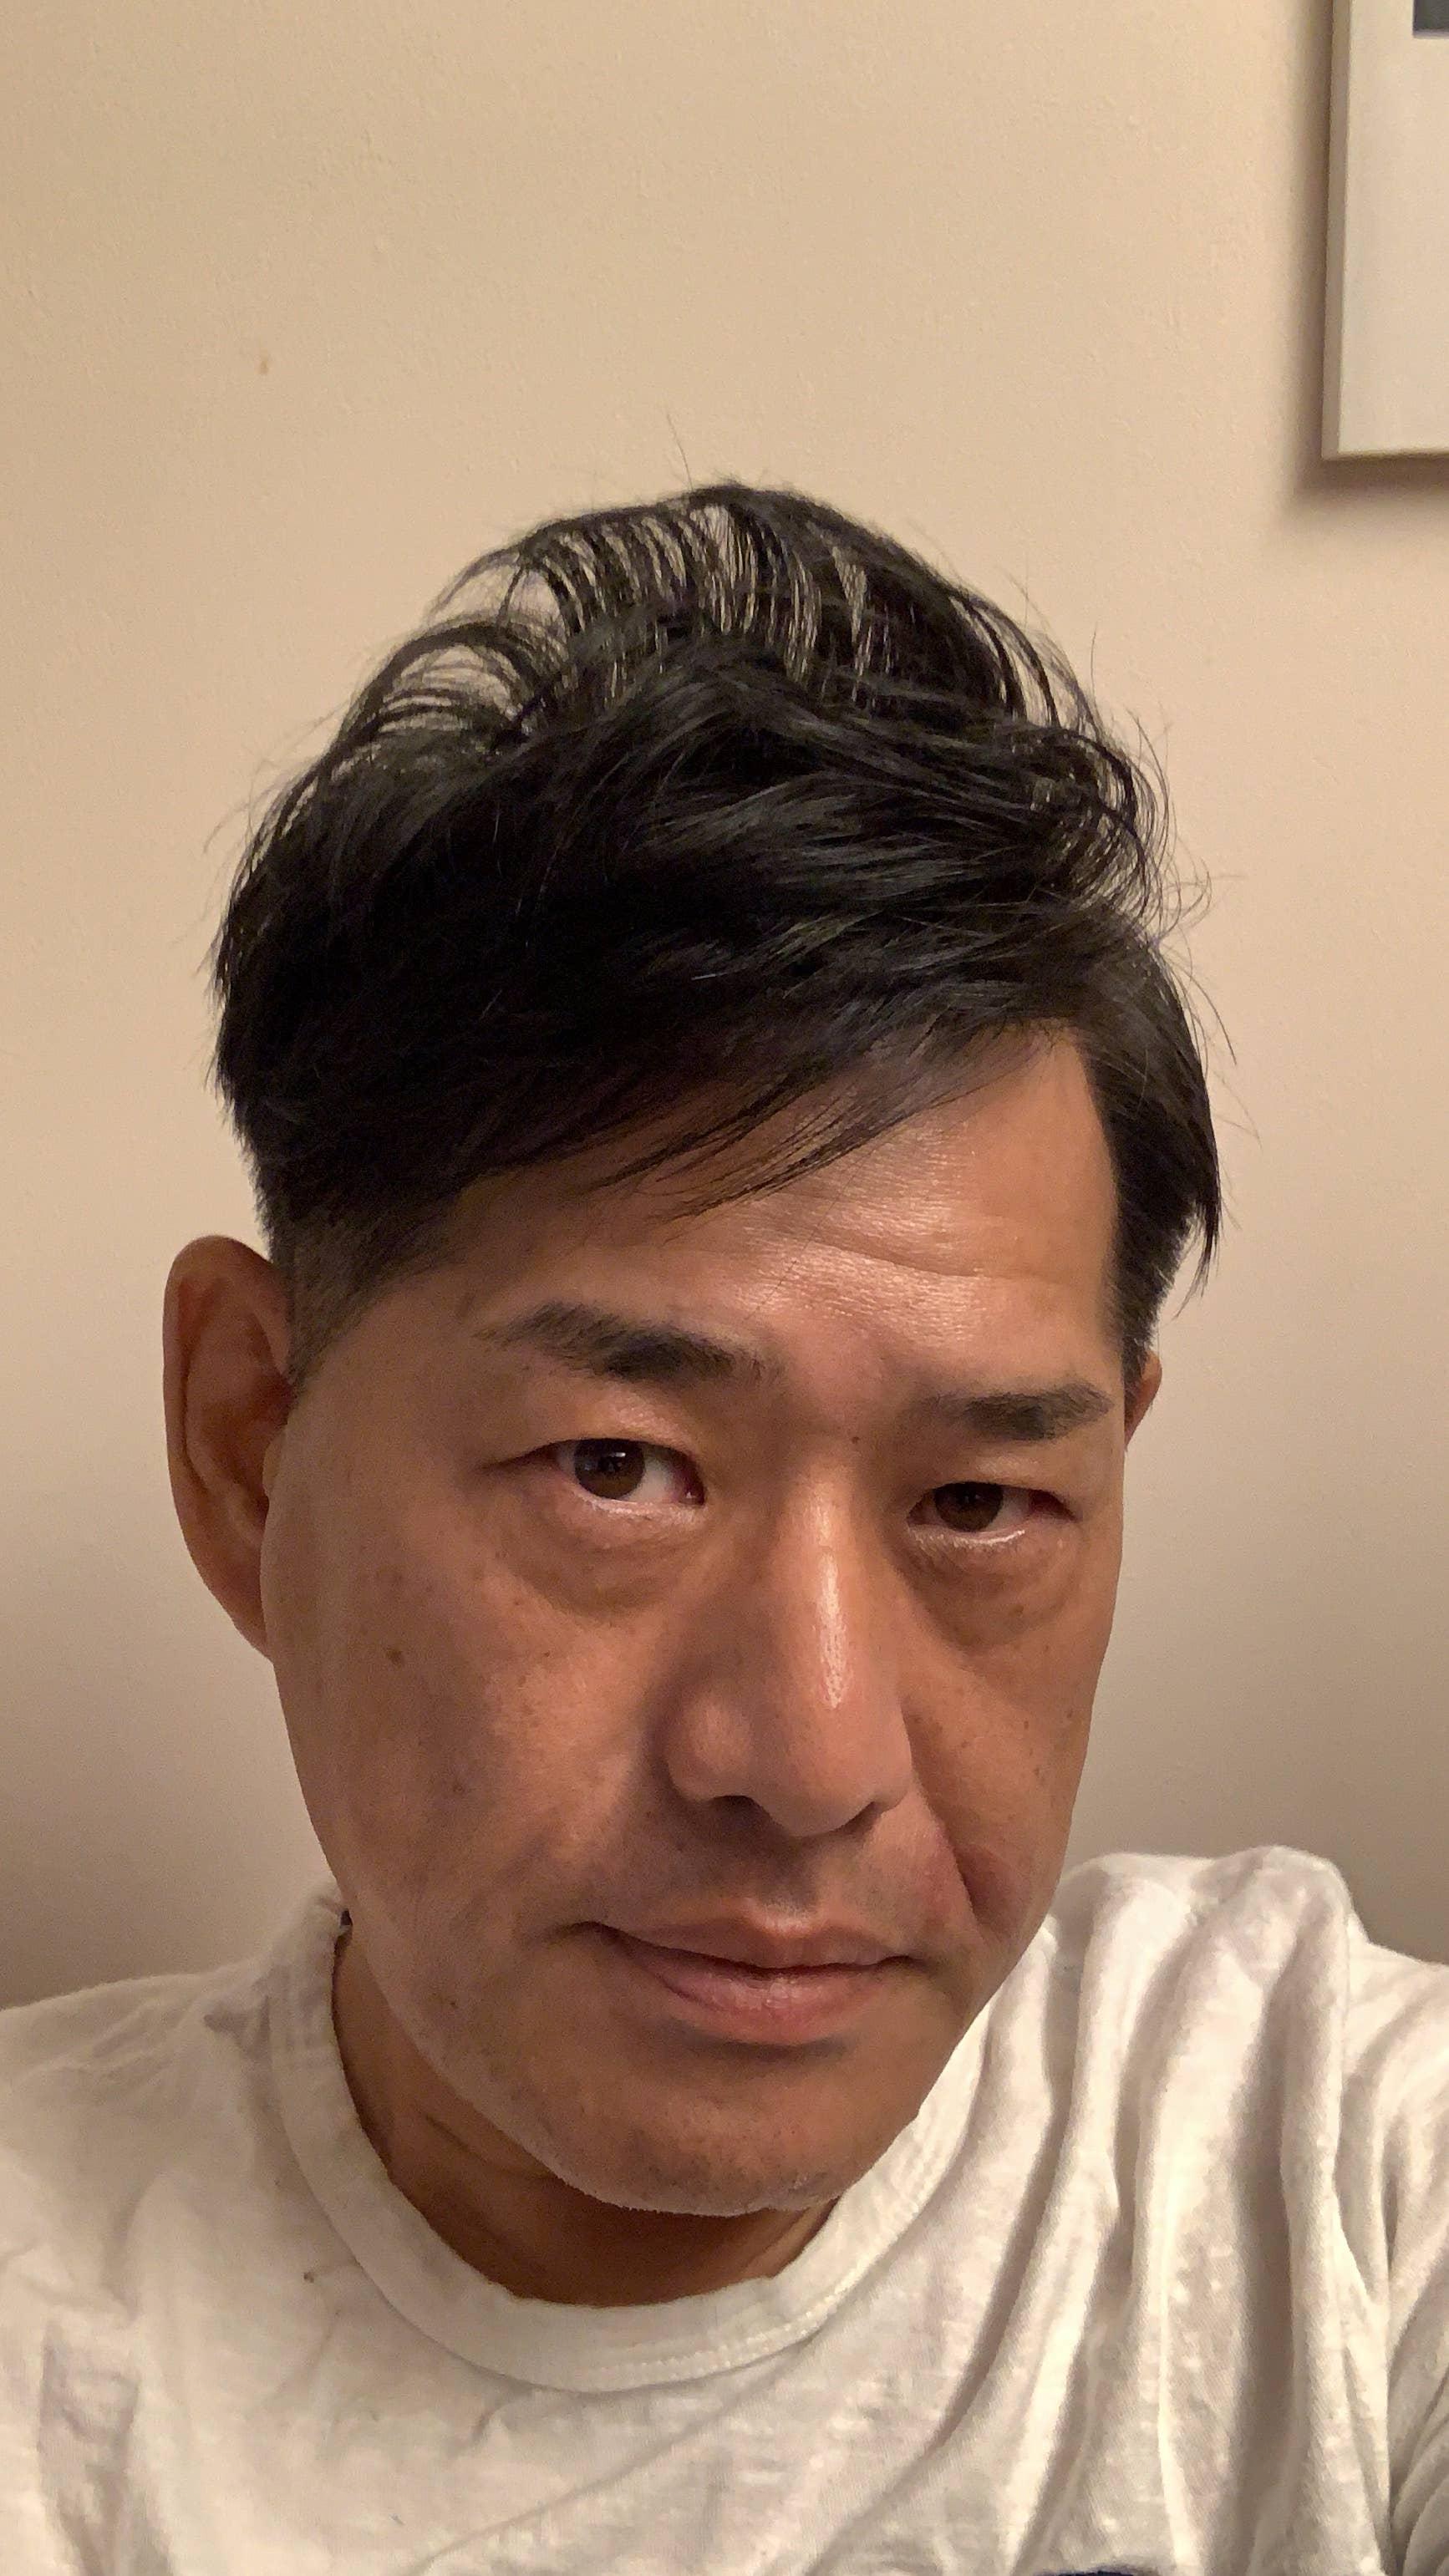 Hiroyuki Sugihara